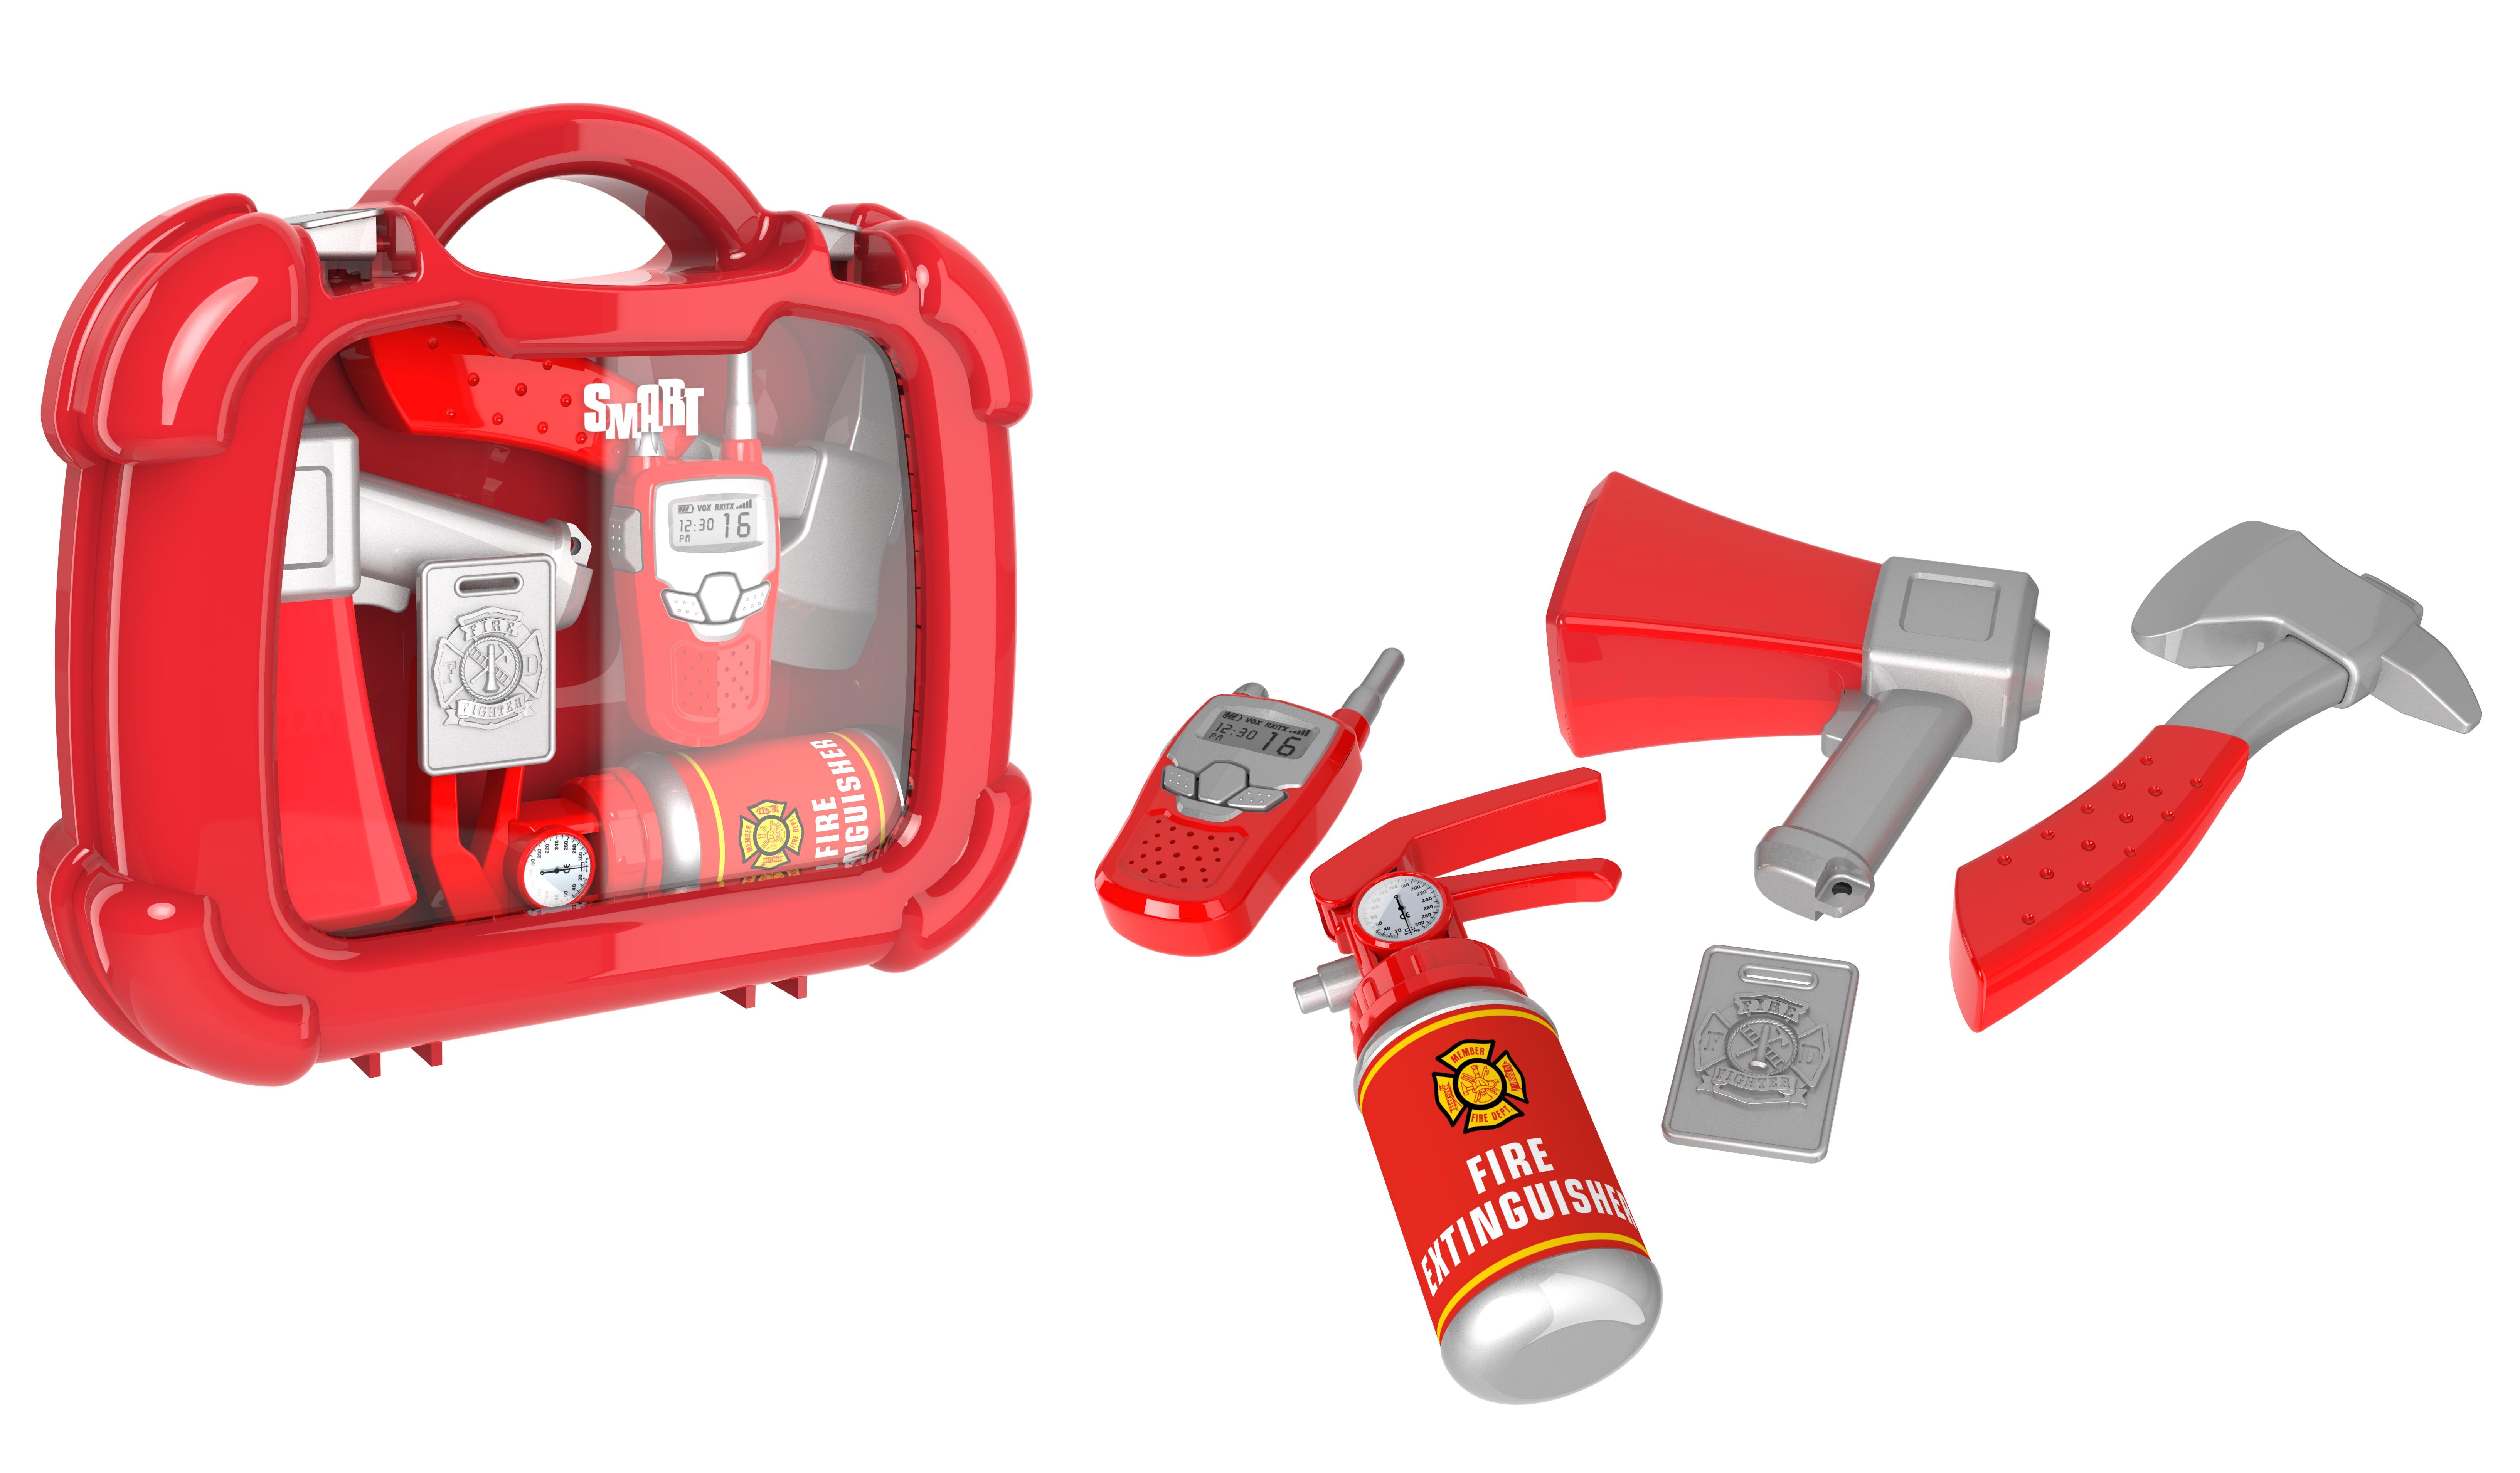 Картинки для детей пожарные принадлежности